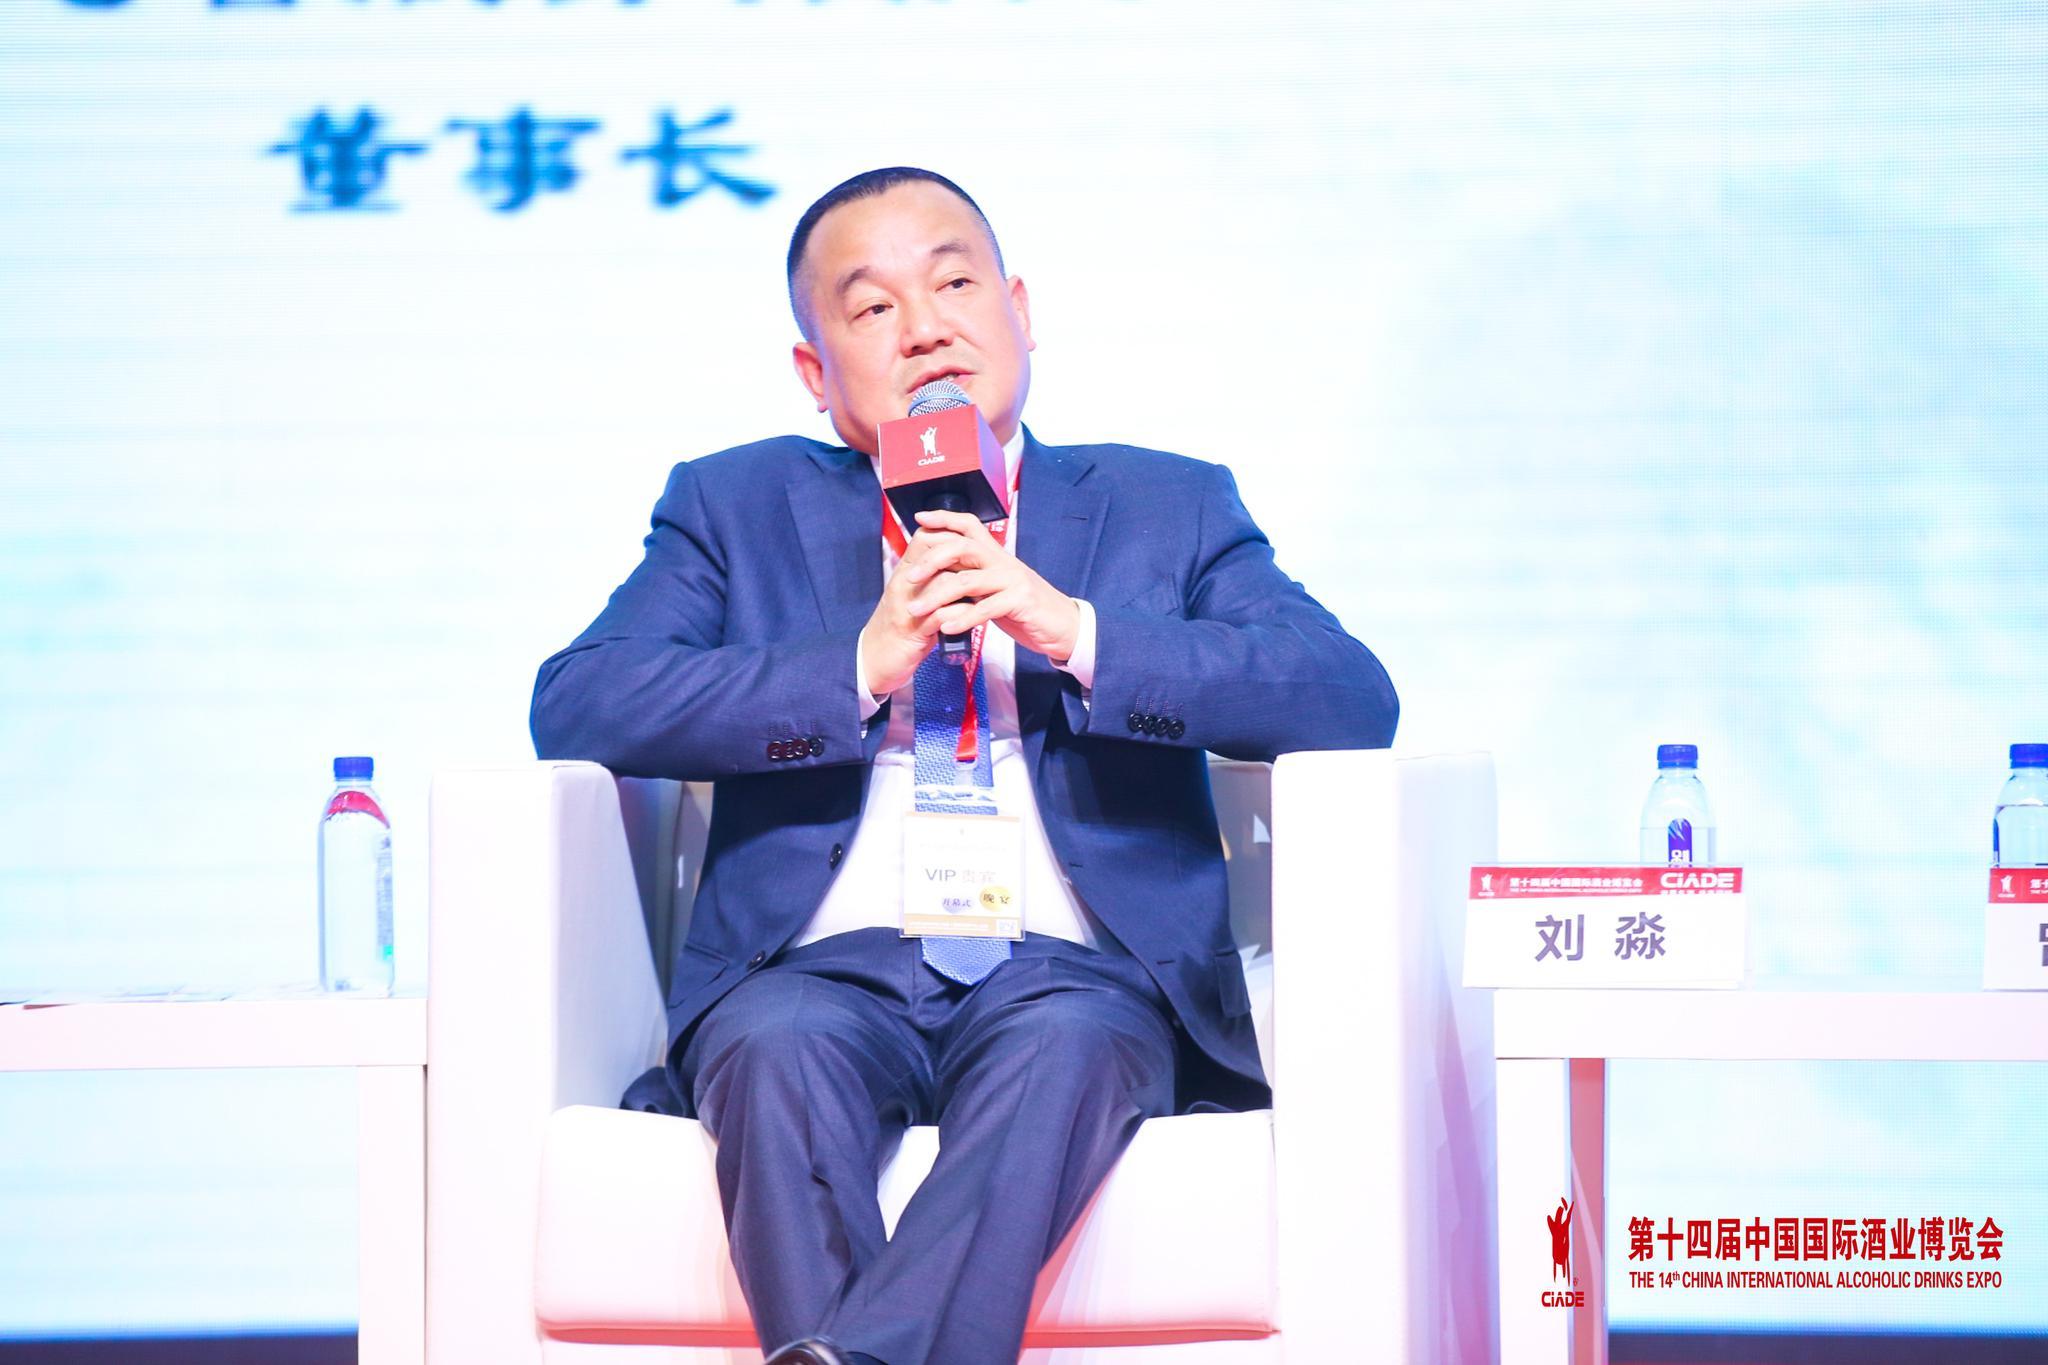 泸州老窖刘淼:要向茅台学习品牌力